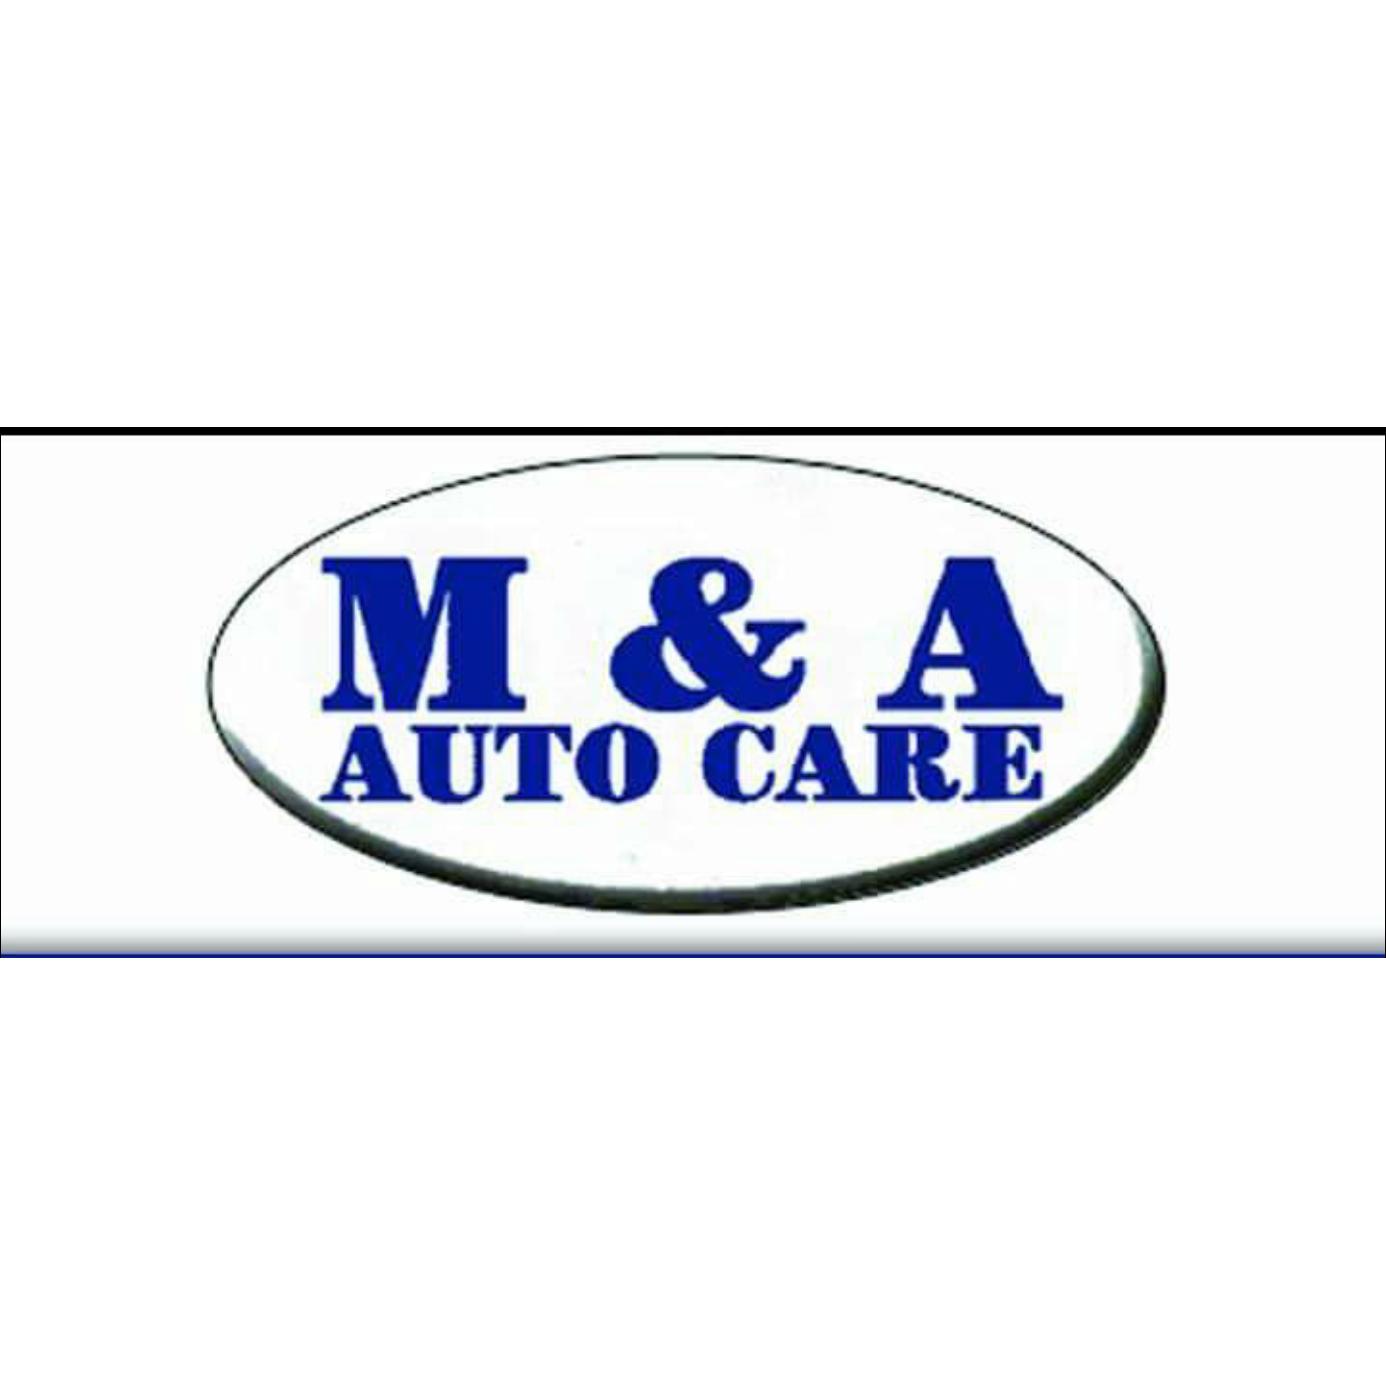 M & A AUTO CARE